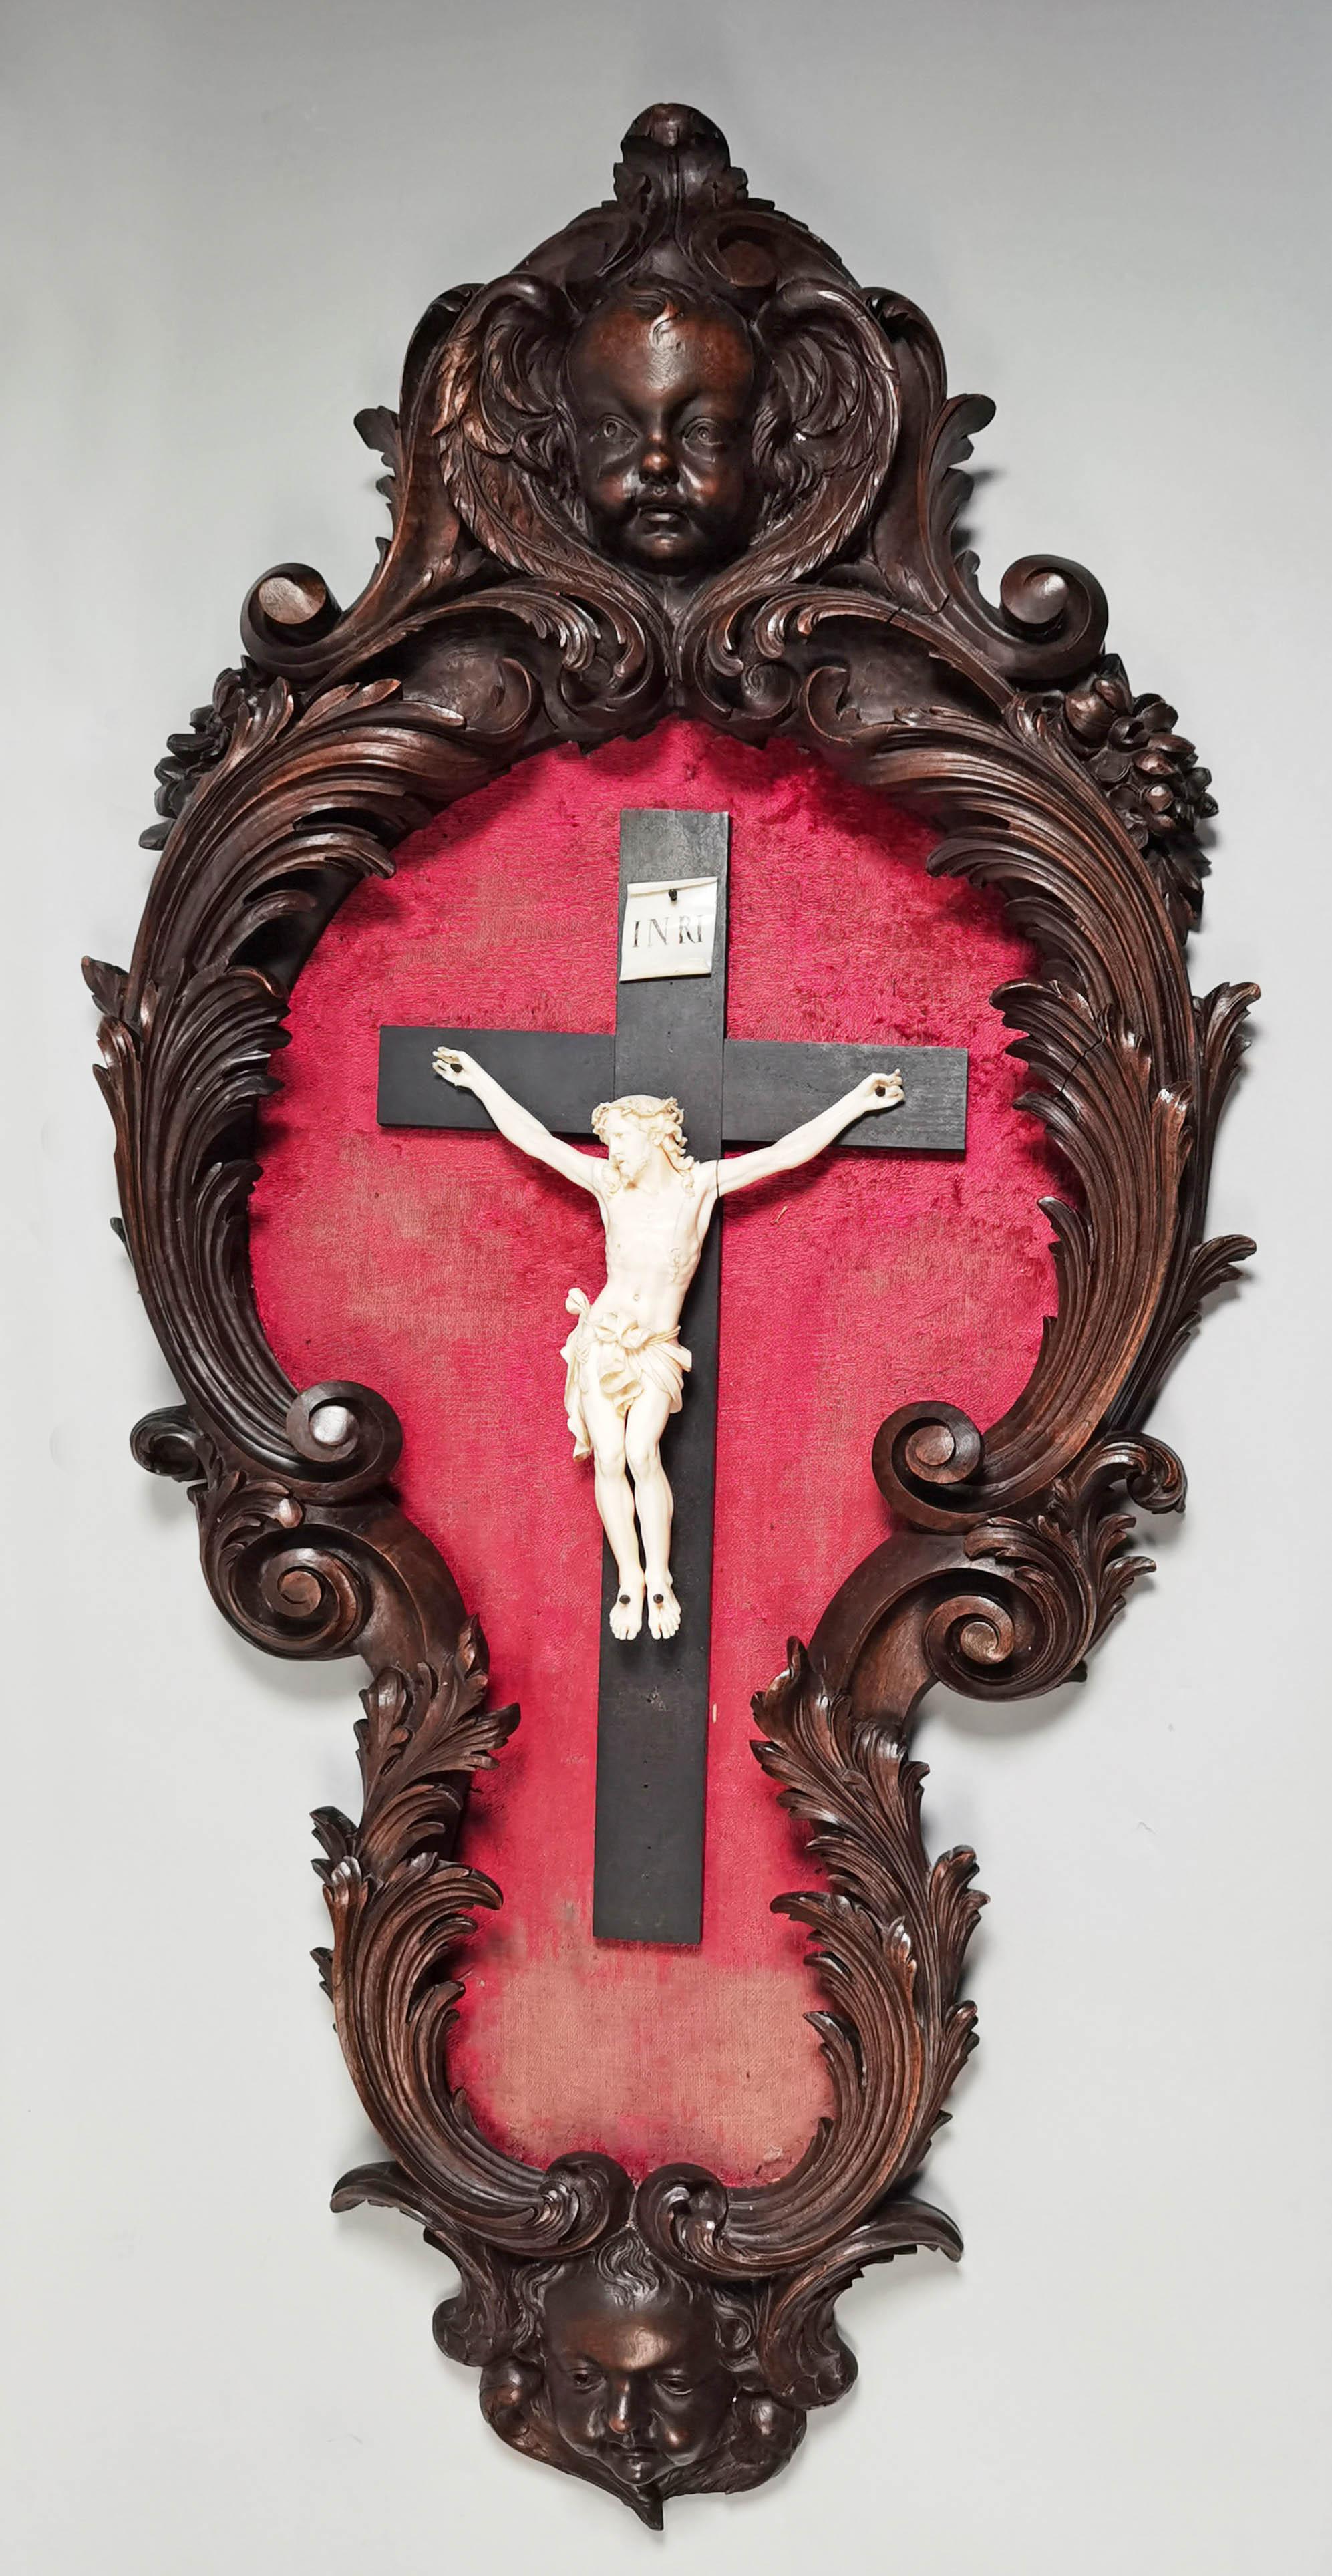 Krucyfiks w rzeźbionej oprawie